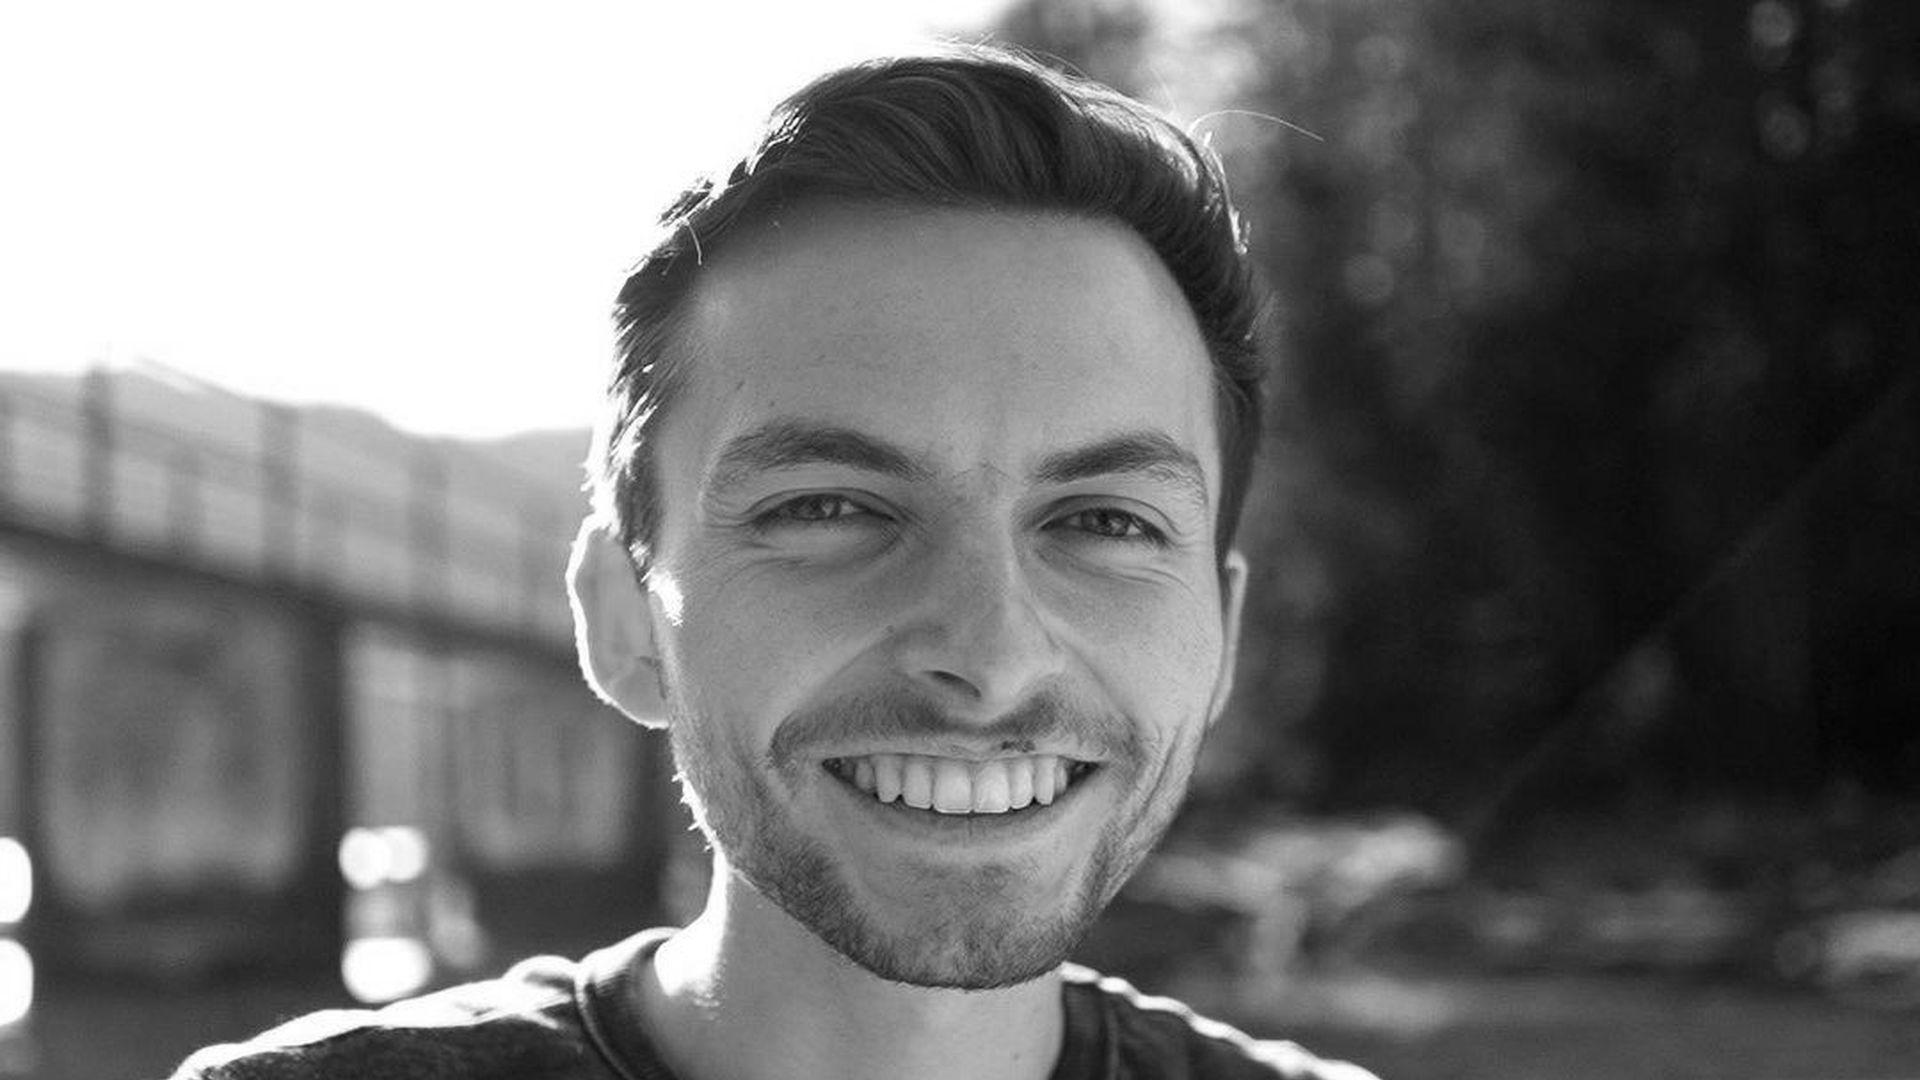 Nach Krebskampf: YouTuber Philipp Mickenbecker ist